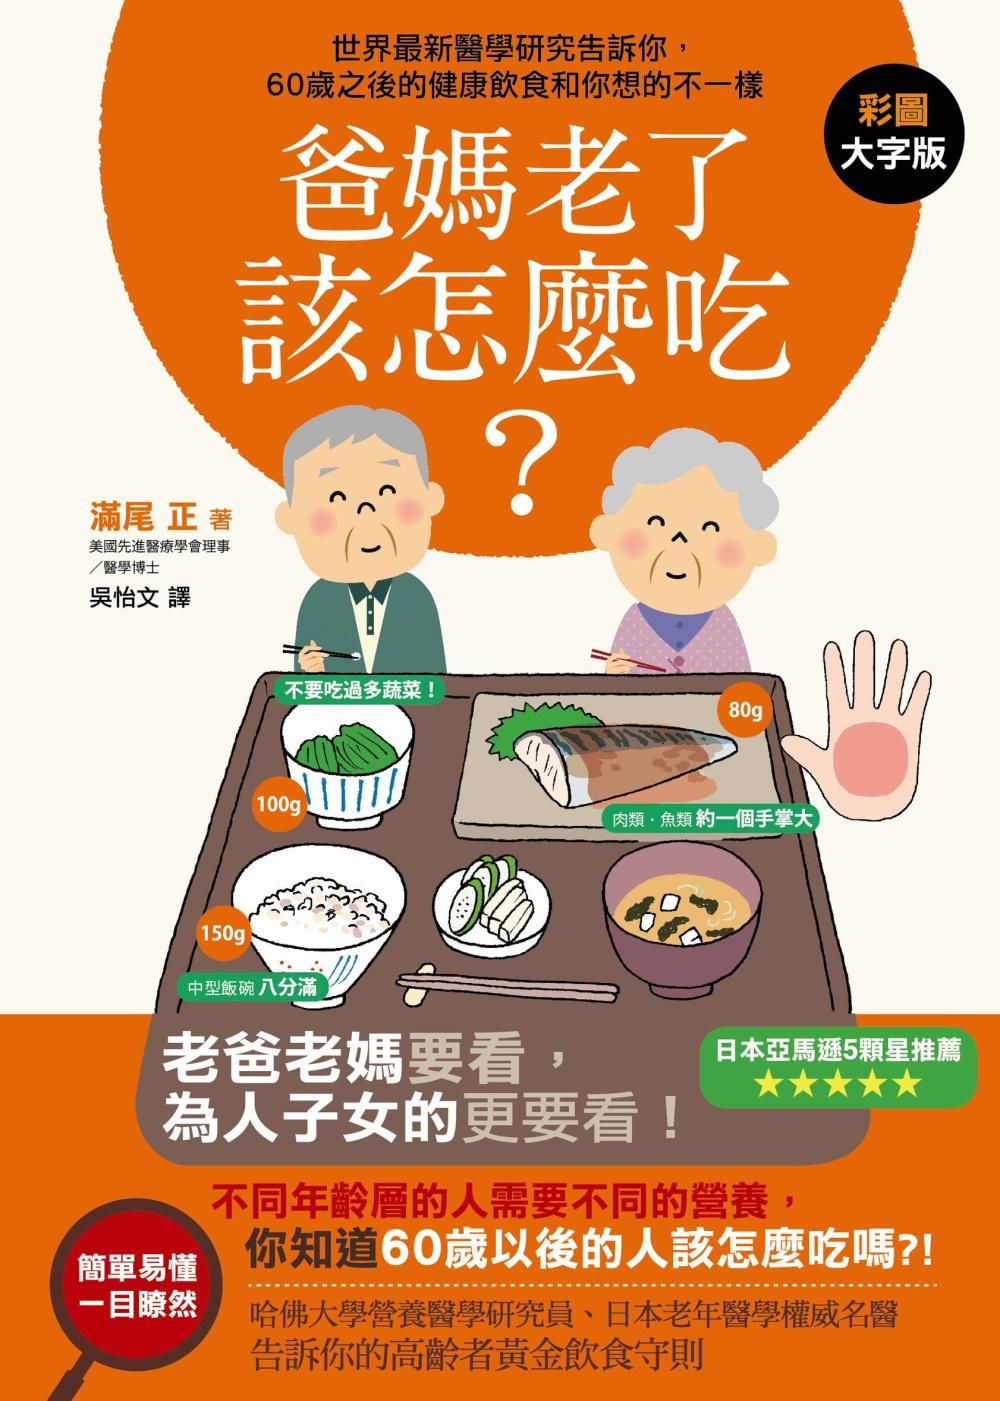 ◤博客來BOOKS◢ 暢銷書榜《推薦》爸媽老了該怎麼吃?:世界最新醫學研究告訴你,60歲之後的健康飲食和你想的不一樣!